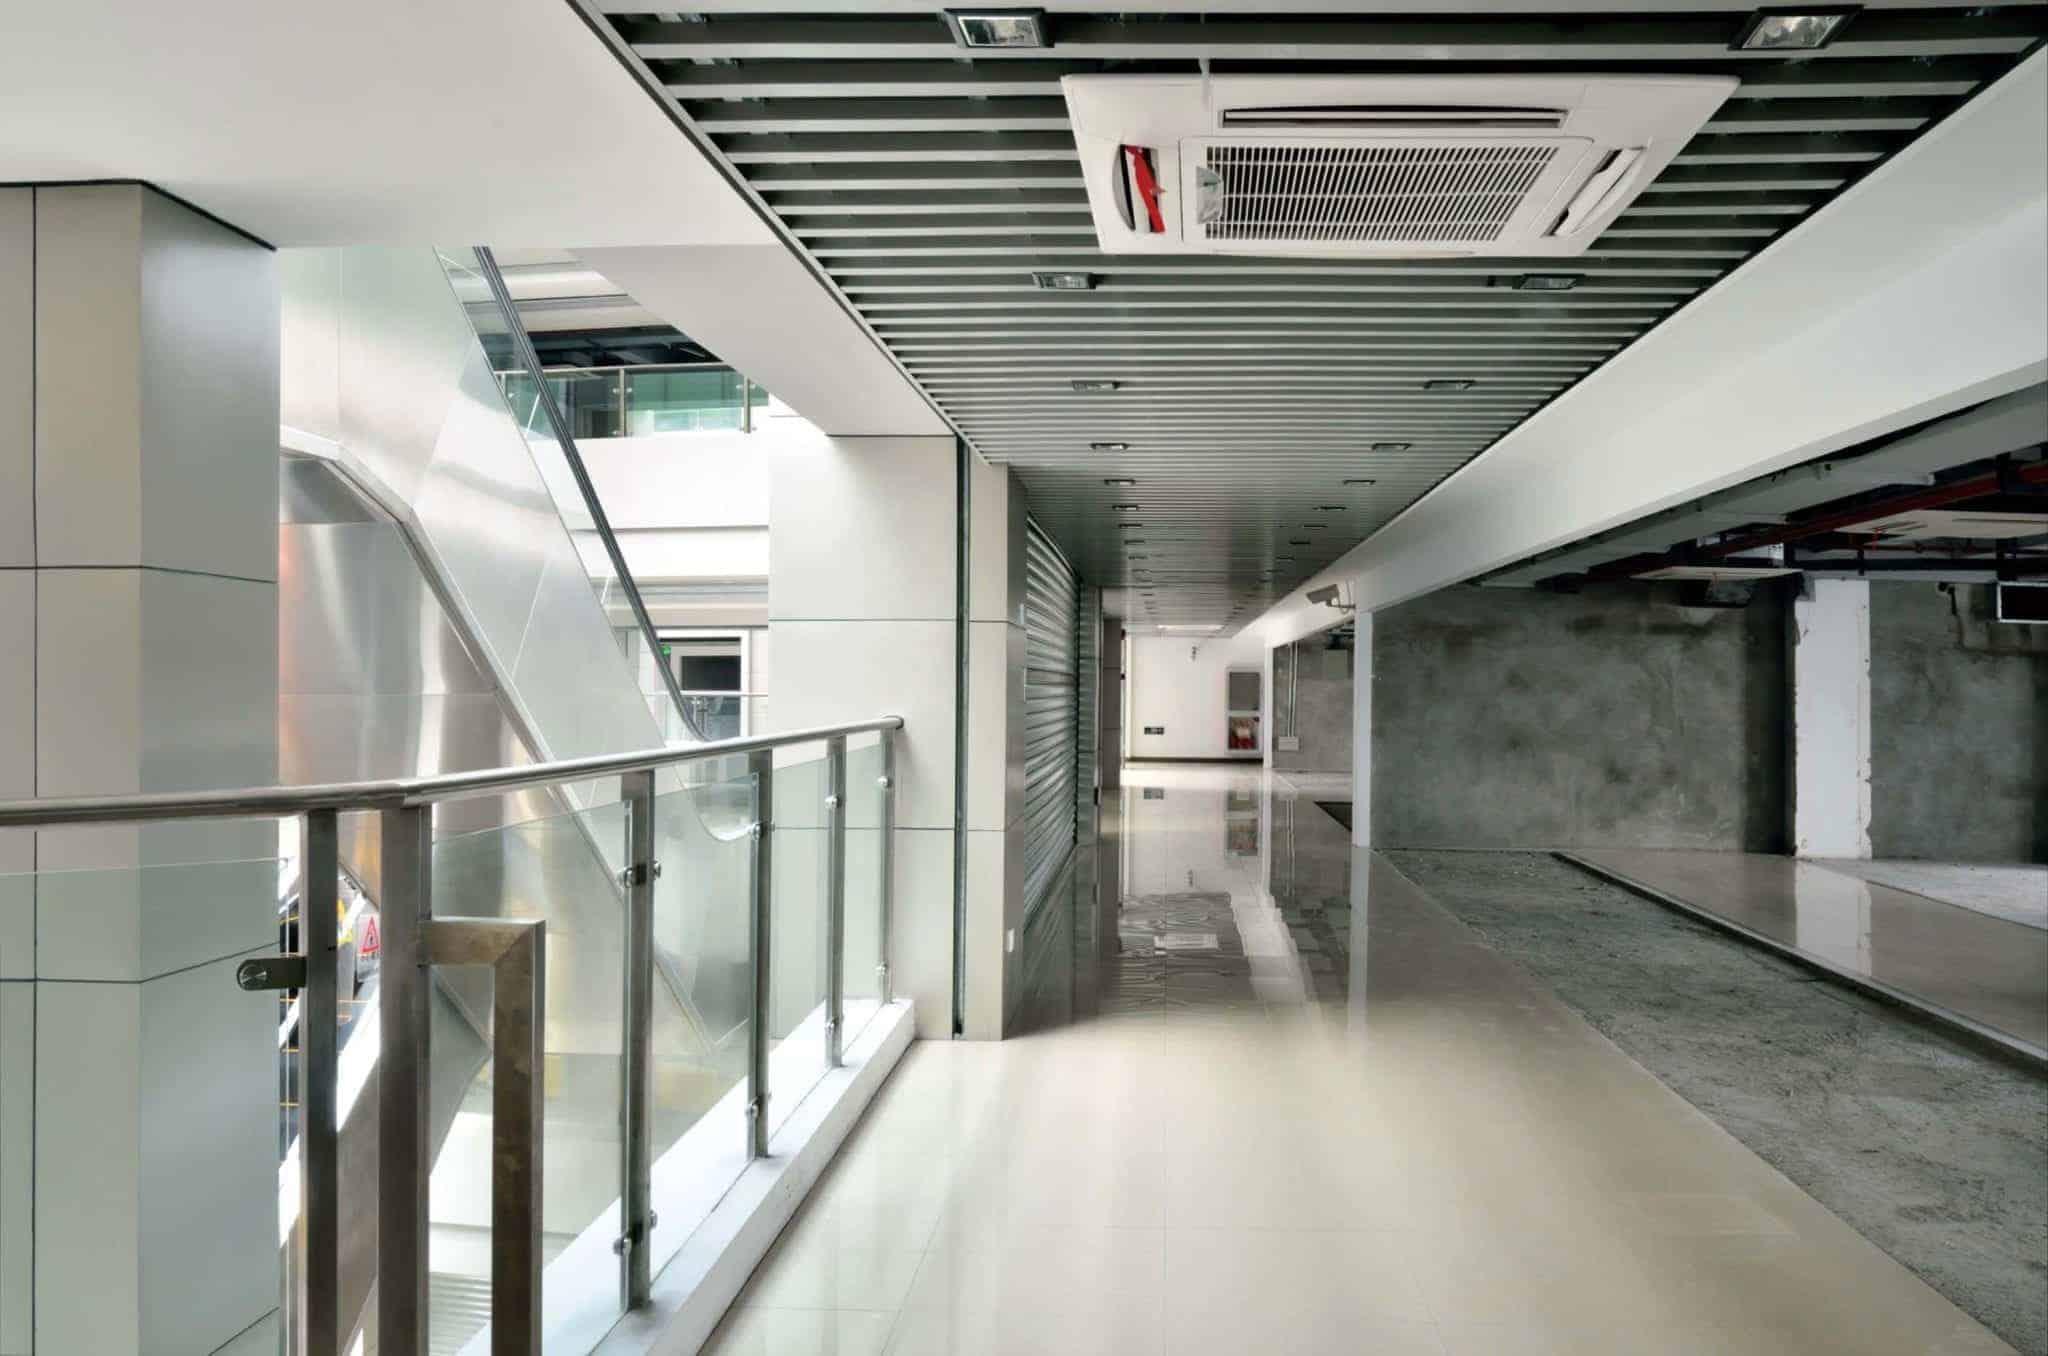 Climatiseurs multi splits pour climatisation bureaux